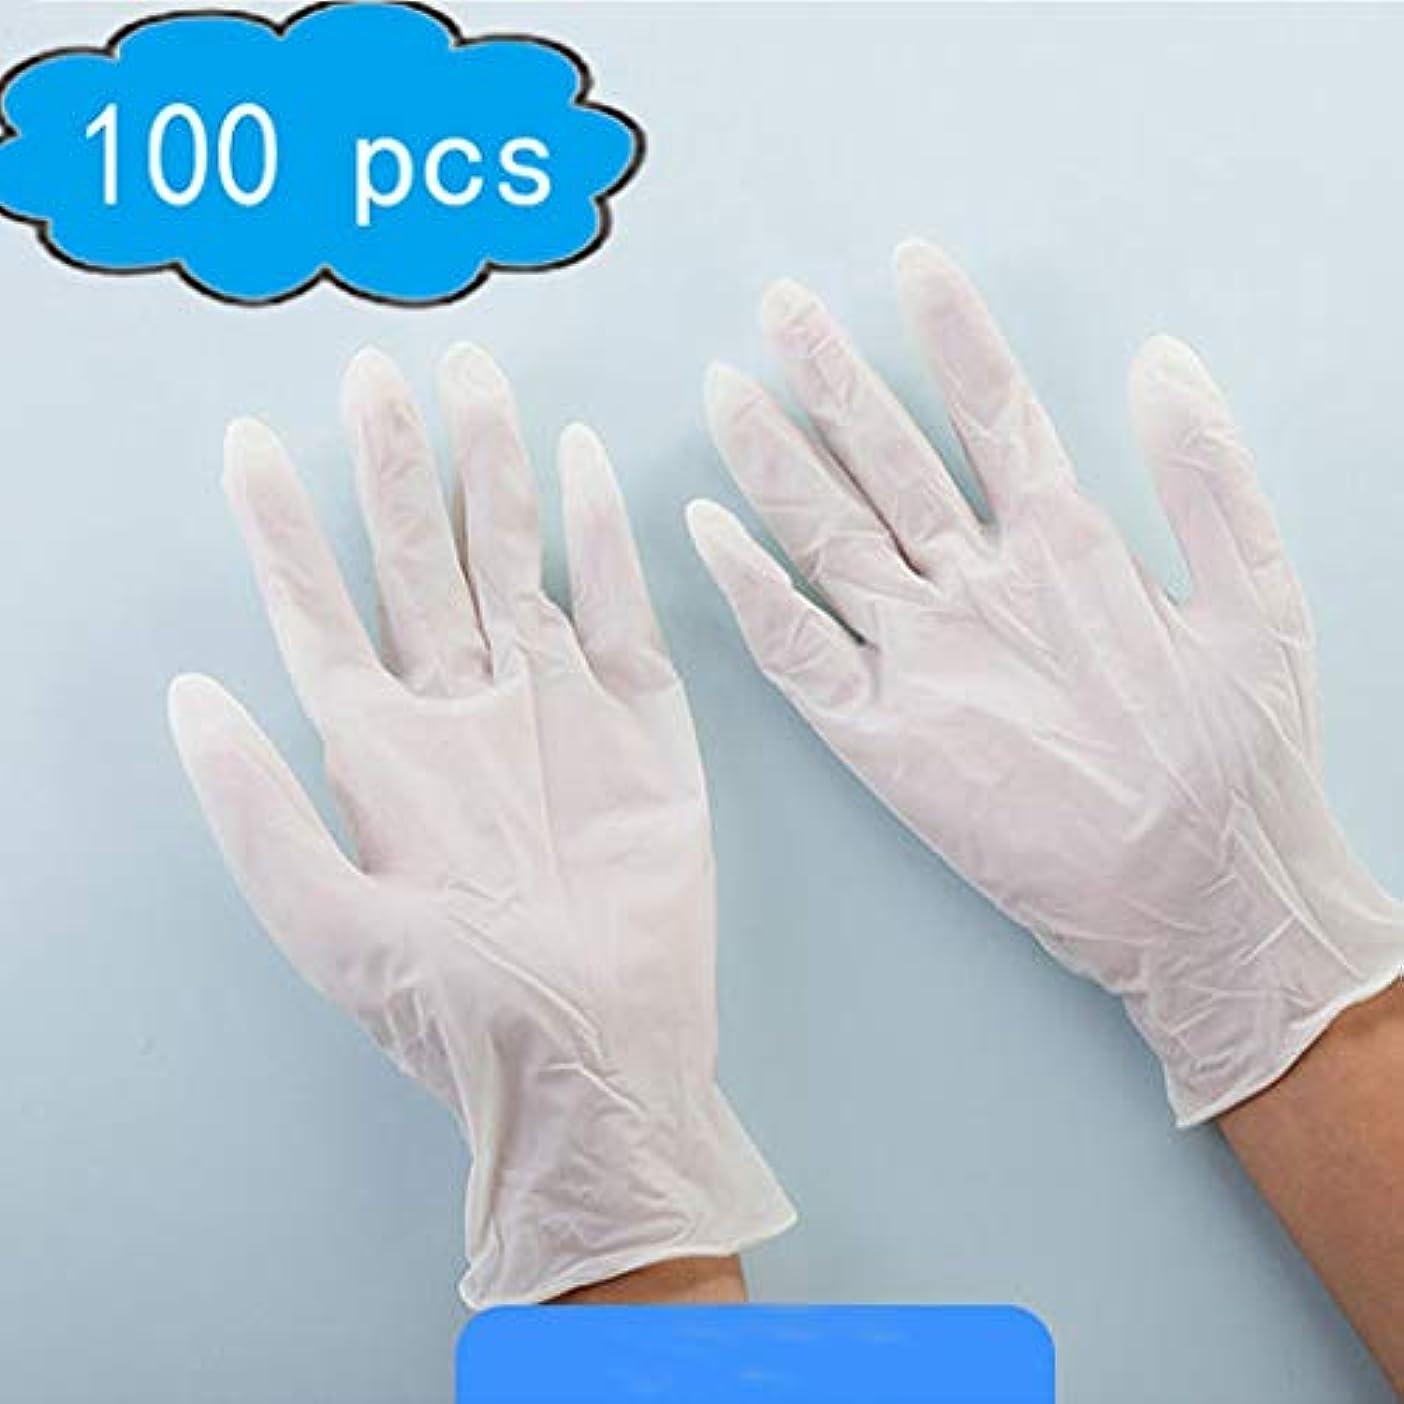 慣習実現可能感度使い捨て手袋、厚手版、白い粉のない使い捨てニトリル手袋[100パック] - 大、サニタリー手袋、応急処置用品 (Color : White, Size : S)